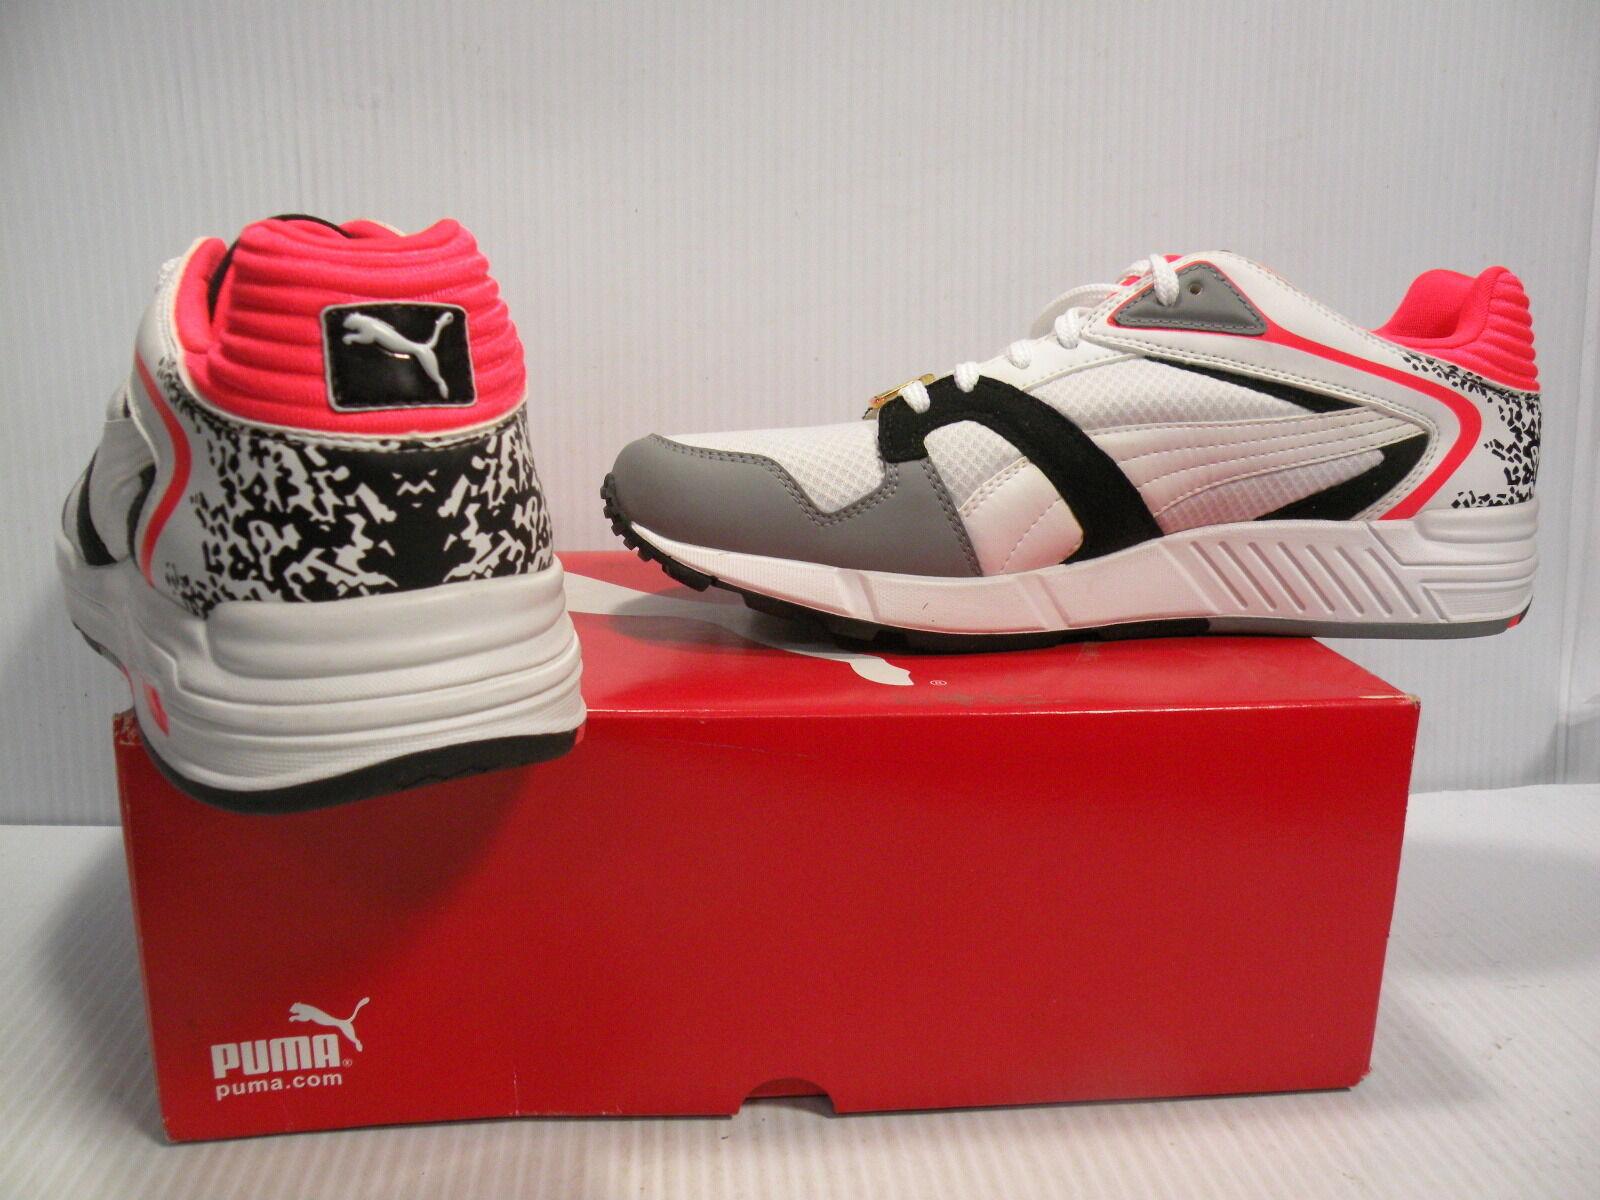 aa2ffdabd52c ... Puma - schuhe, weiße turnschuhe männer xs 850 niedrig   größe. grau    schwarz ...